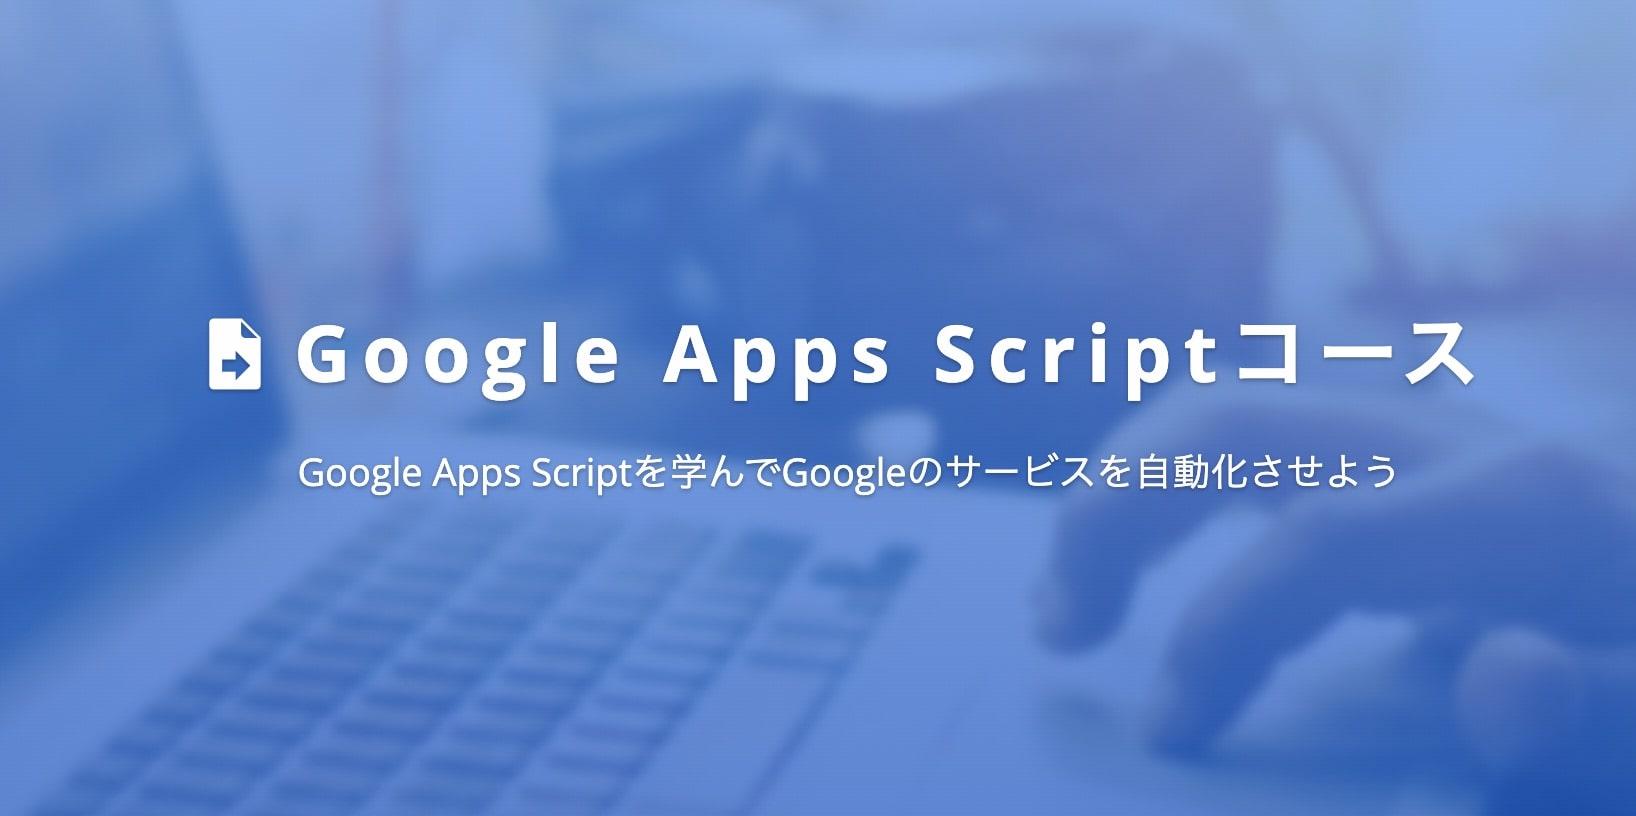 Google Apps Scriptコースの料金|TechAcademy(テックアカデミー)